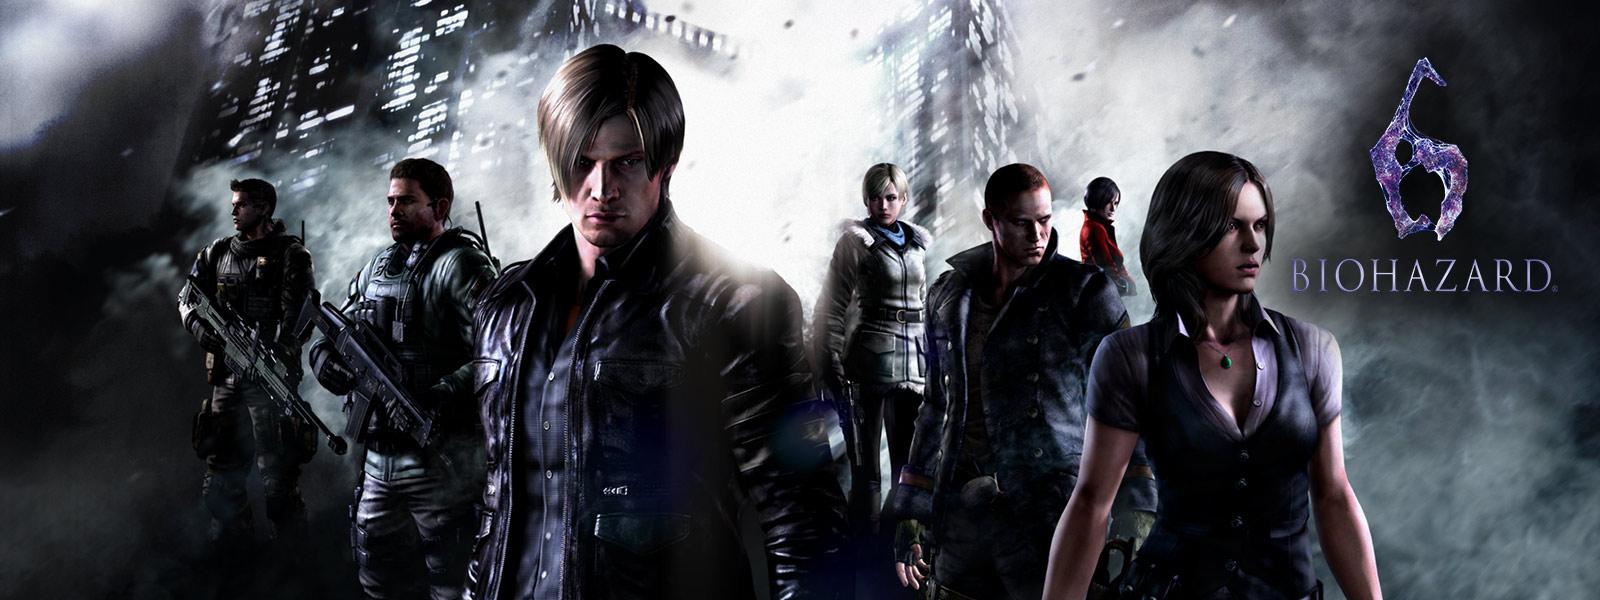 バイオハザード 6、レジデント イービルのキャラクター全員が不吉な高層ビル群の前に立っている